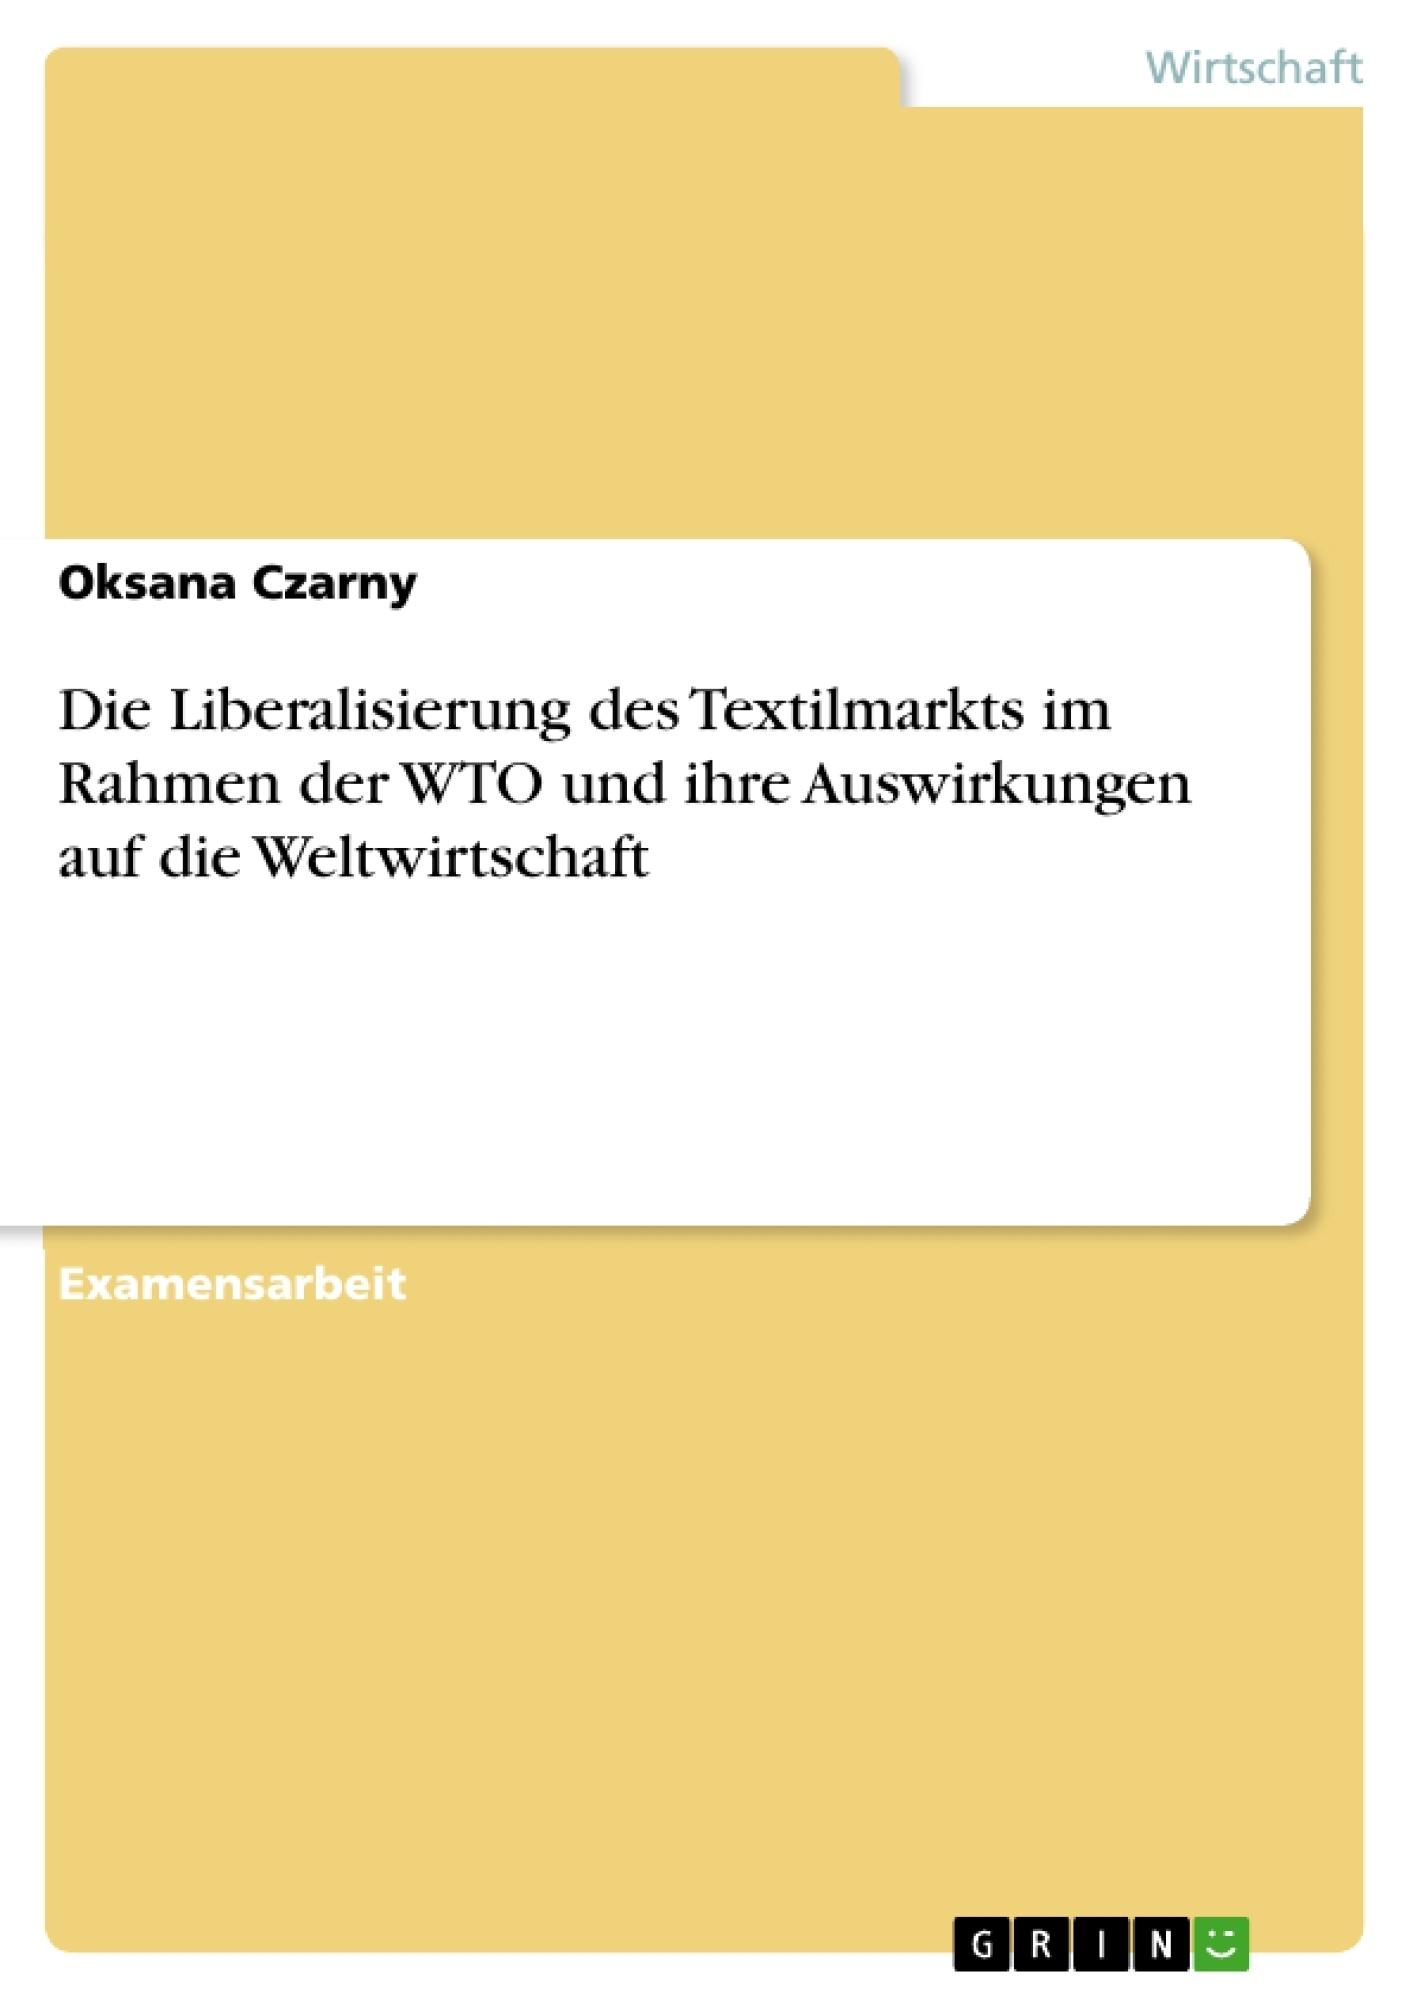 Titel: Die Liberalisierung des Textilmarkts im Rahmen der WTO und ihre Auswirkungen auf die Weltwirtschaft